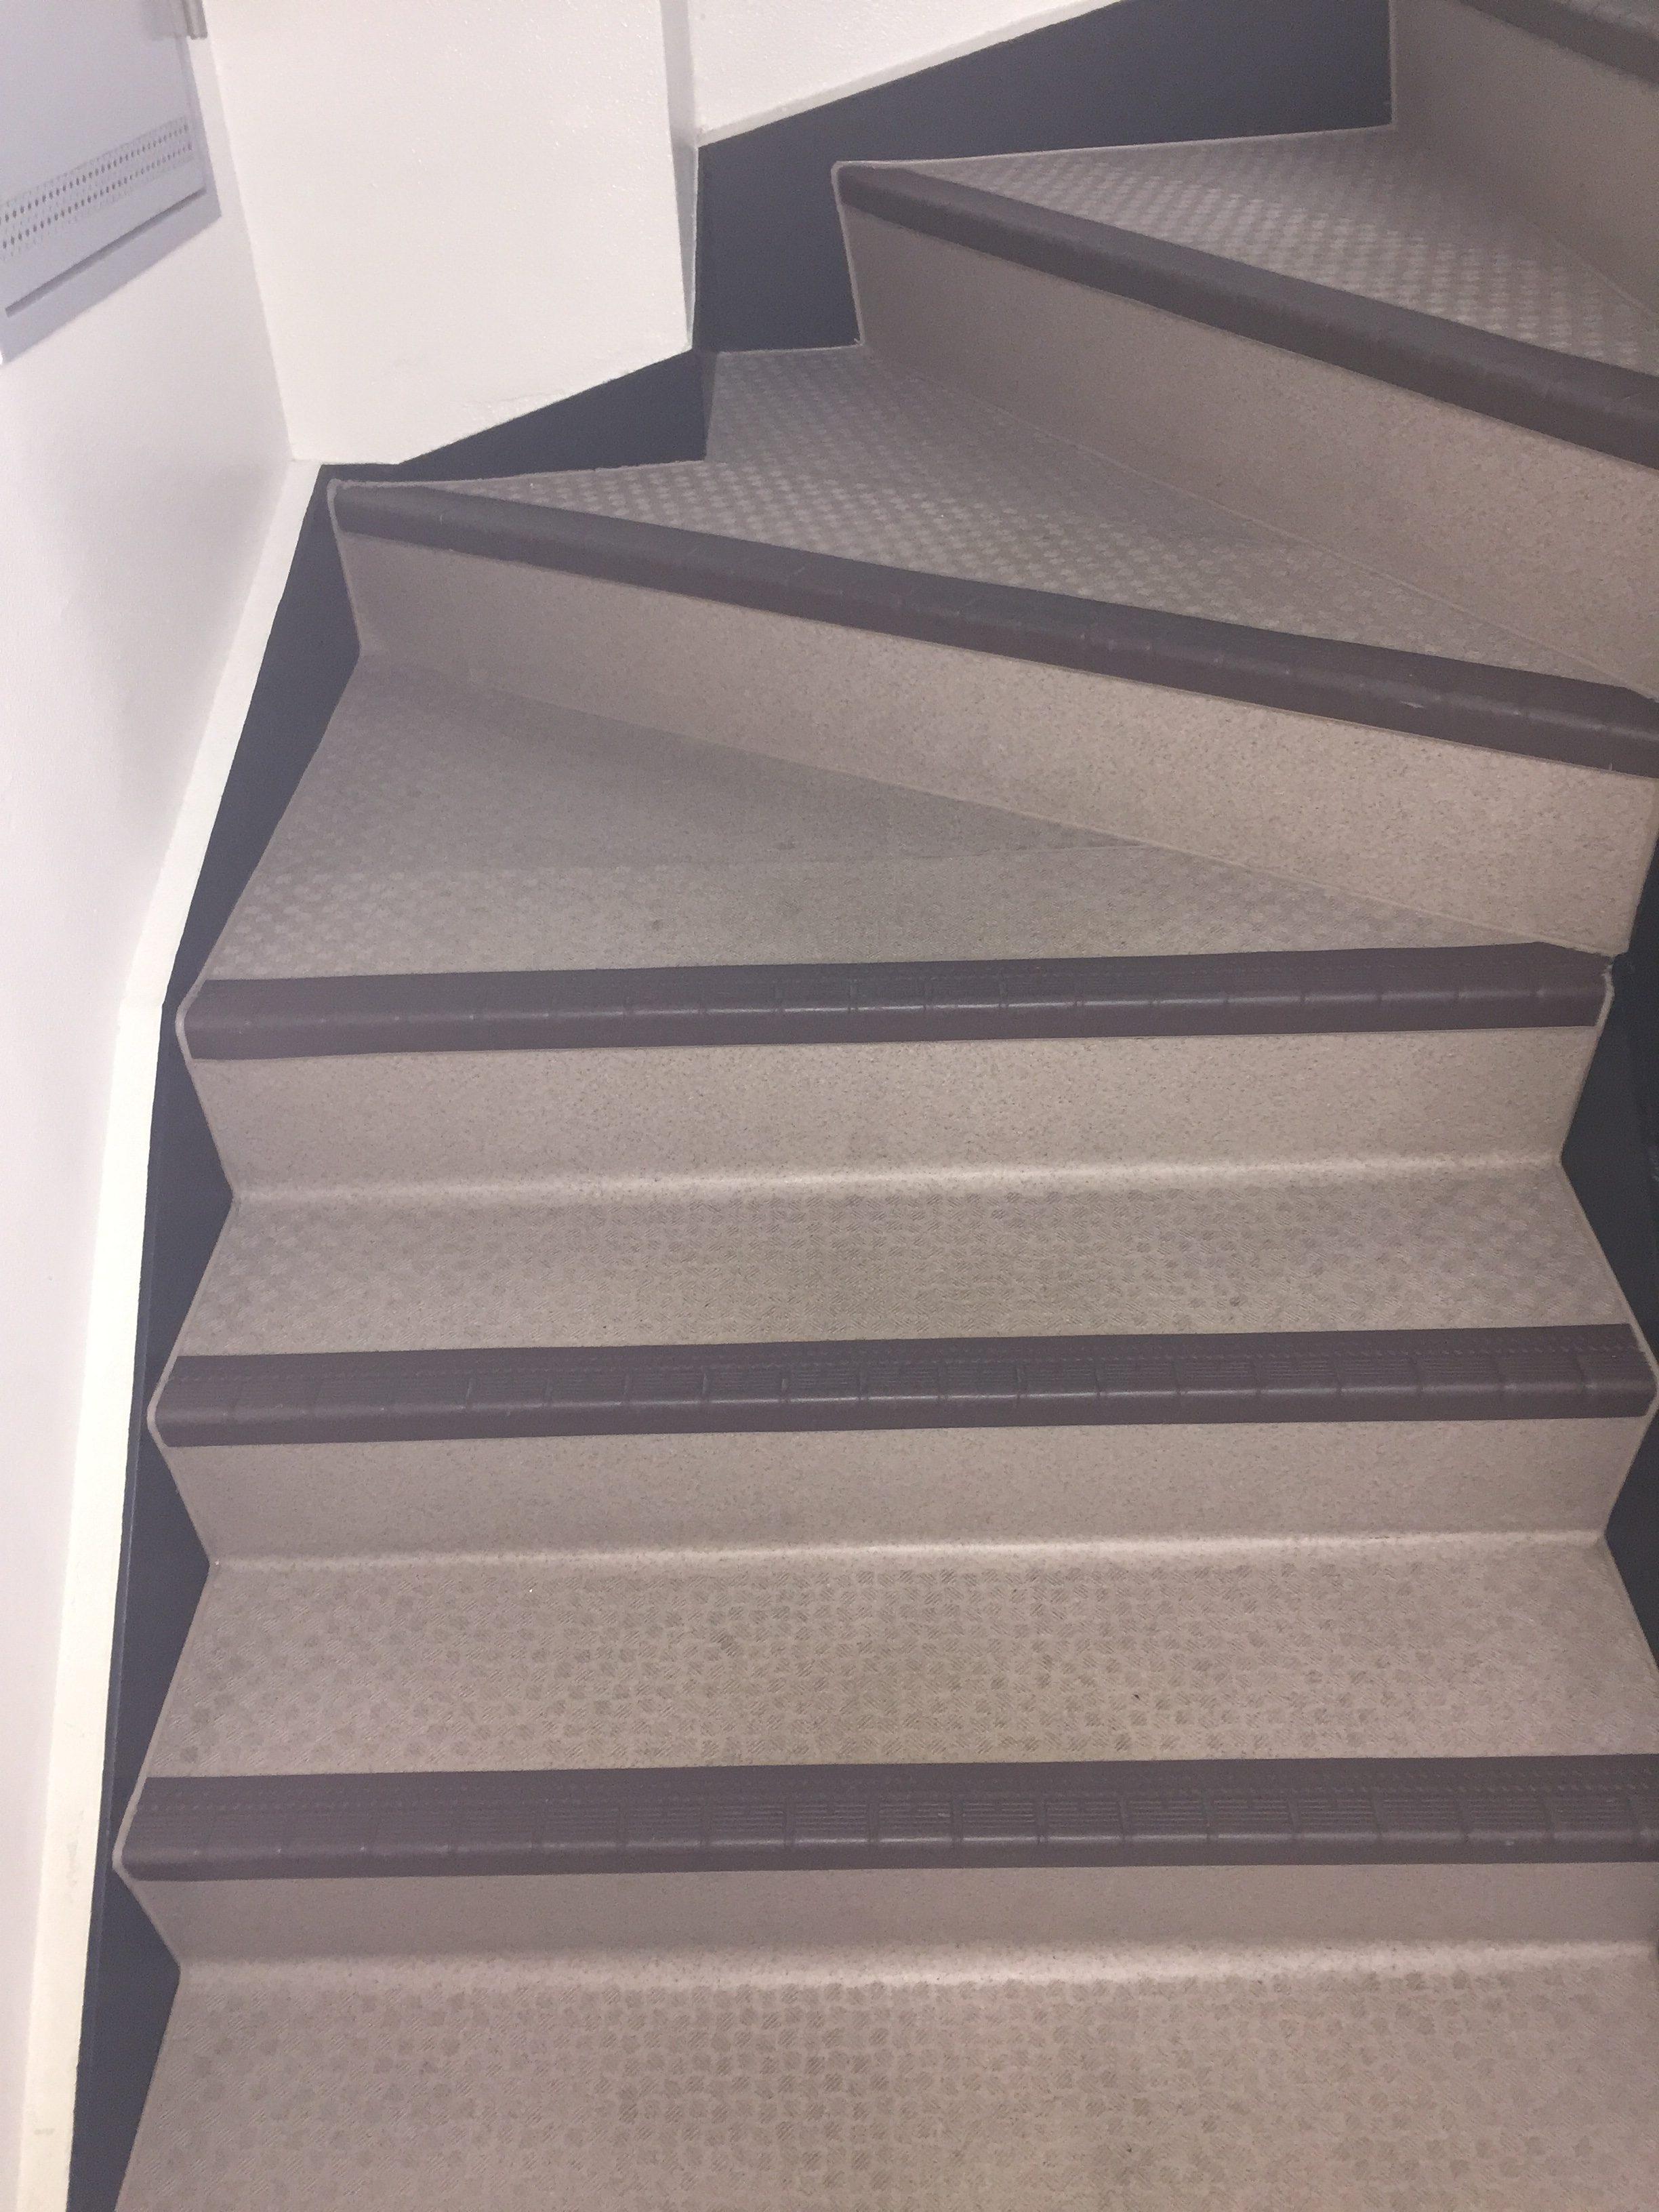 マンション共有部の清掃~階段の黒ずみの汚れの除去!効率よくスピーディーな作業!定期的清掃はおそうじプラスにお任せ下さい!